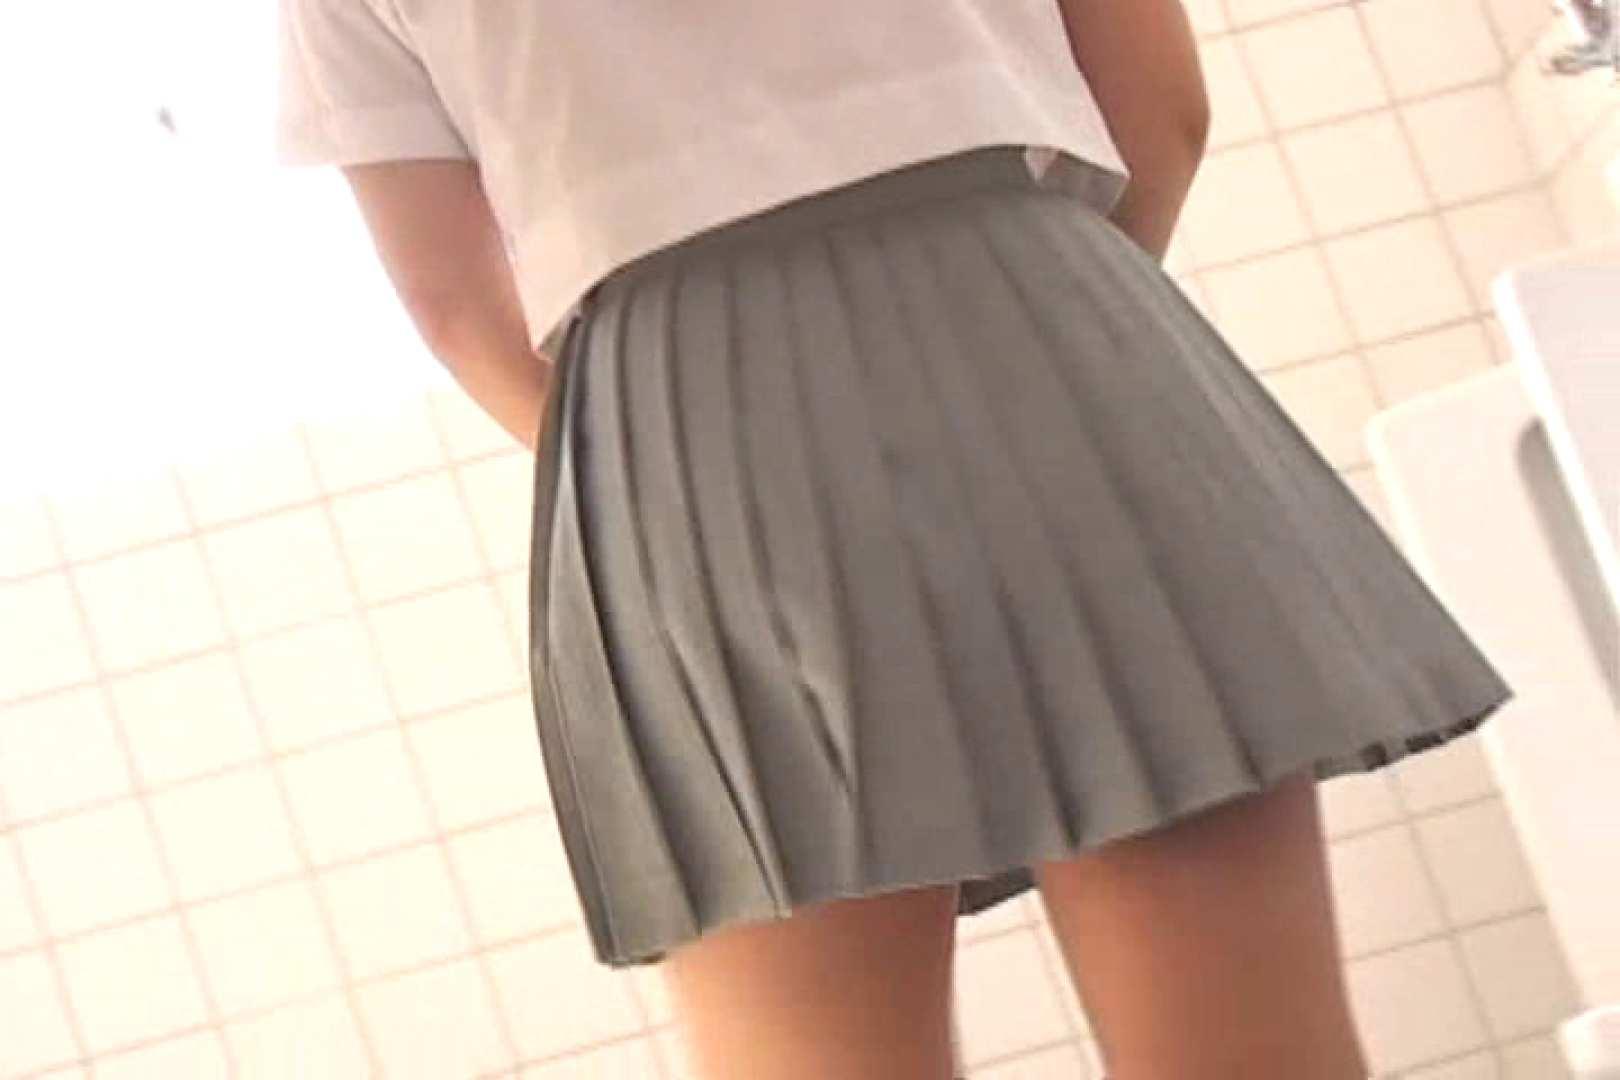 ギリギリアウトな嬢達Vol.4 洗面所 | 学校  110画像 22